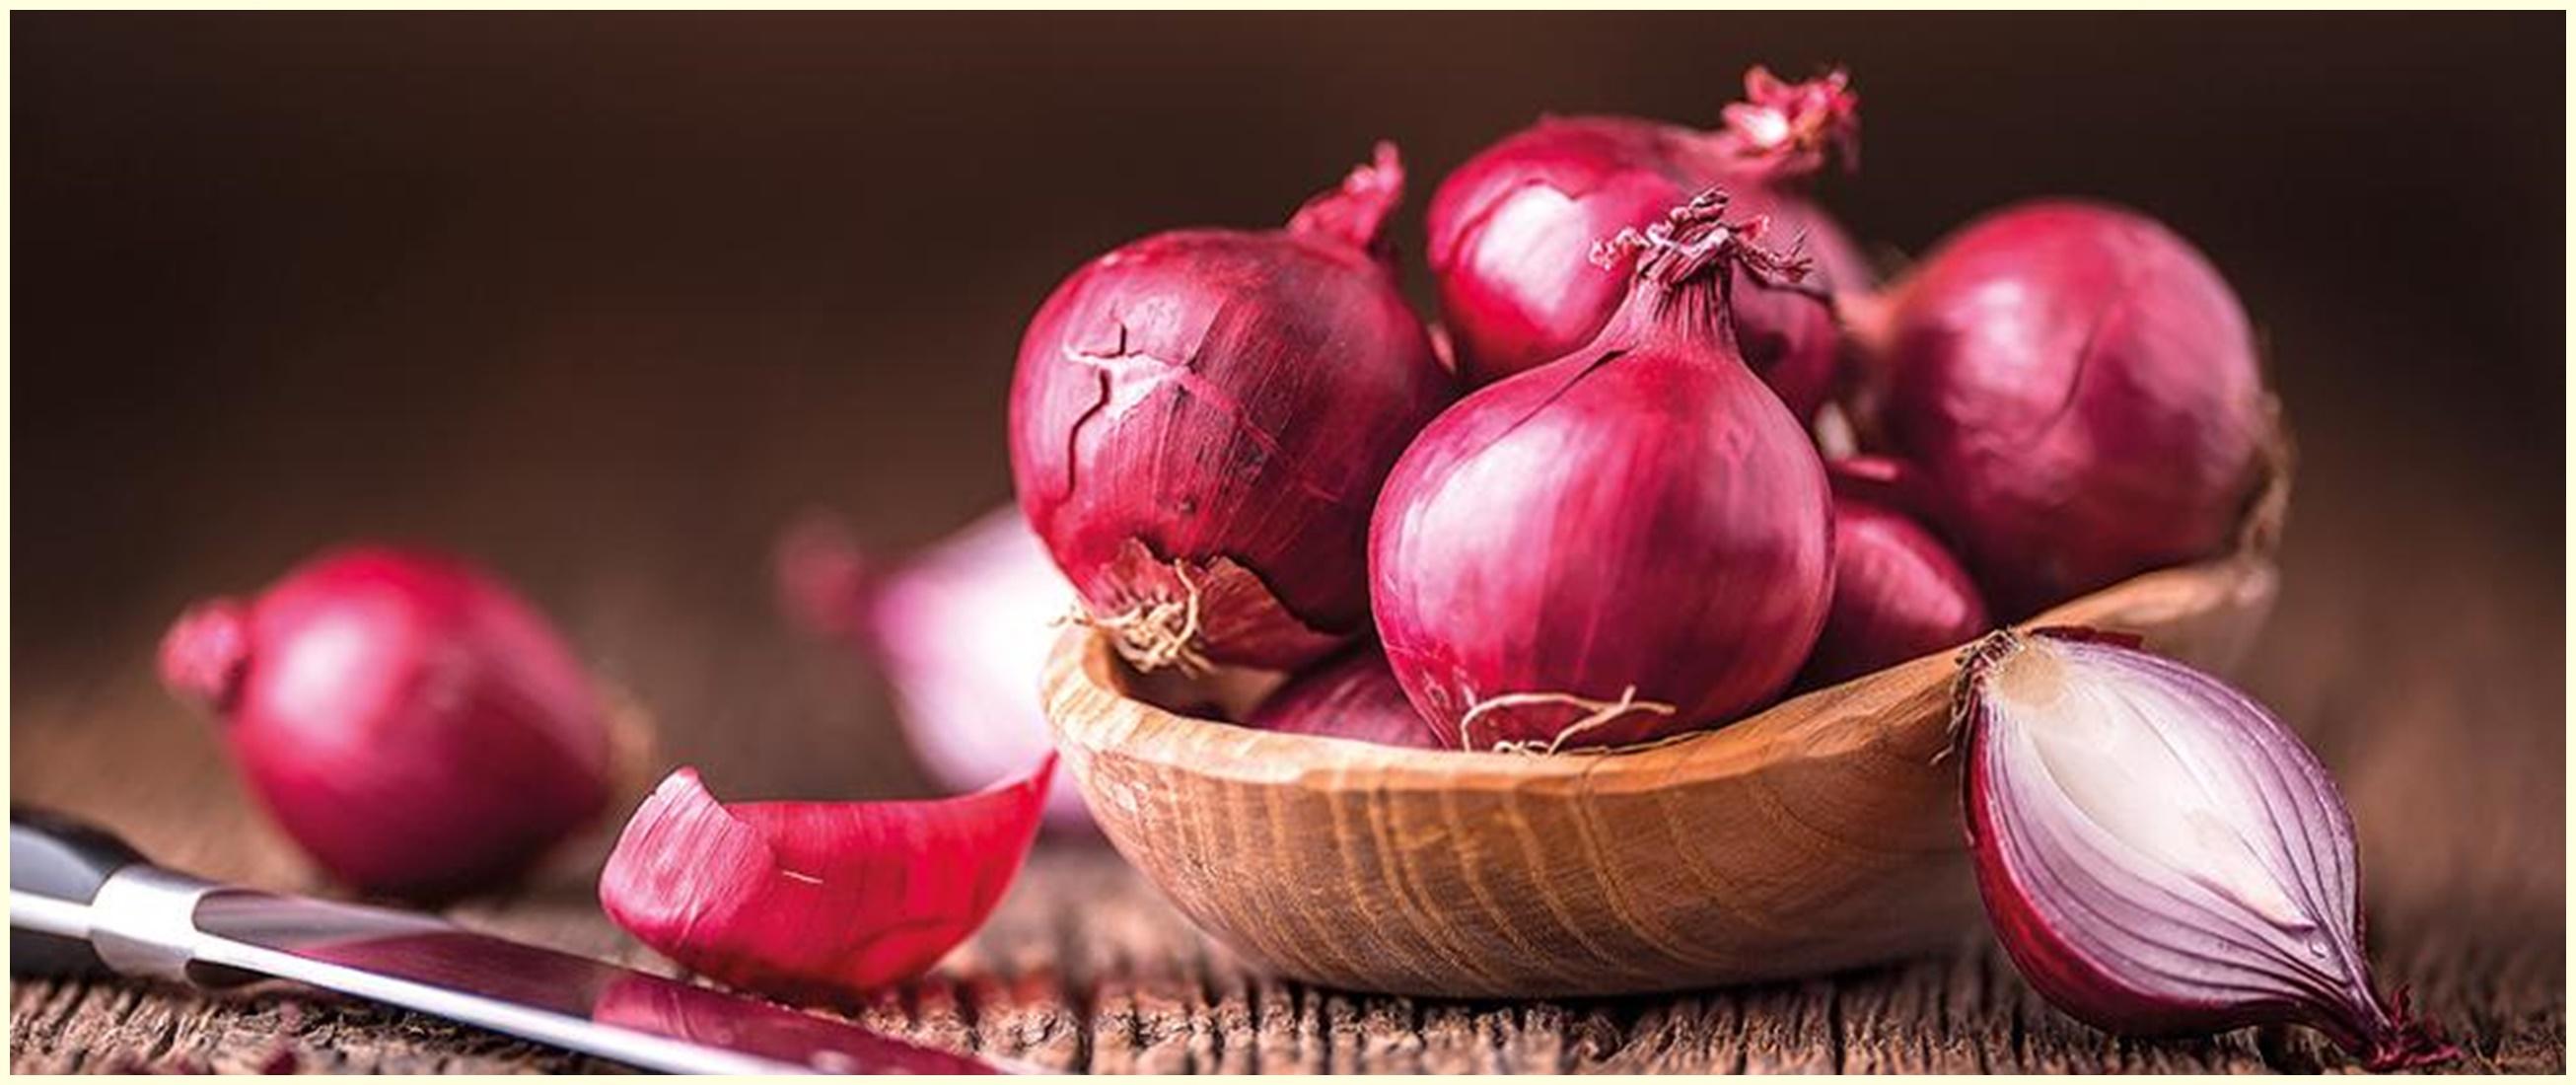 5 Manfaat bawang merah untuk kecantikan, bisa mencerahkan kulit